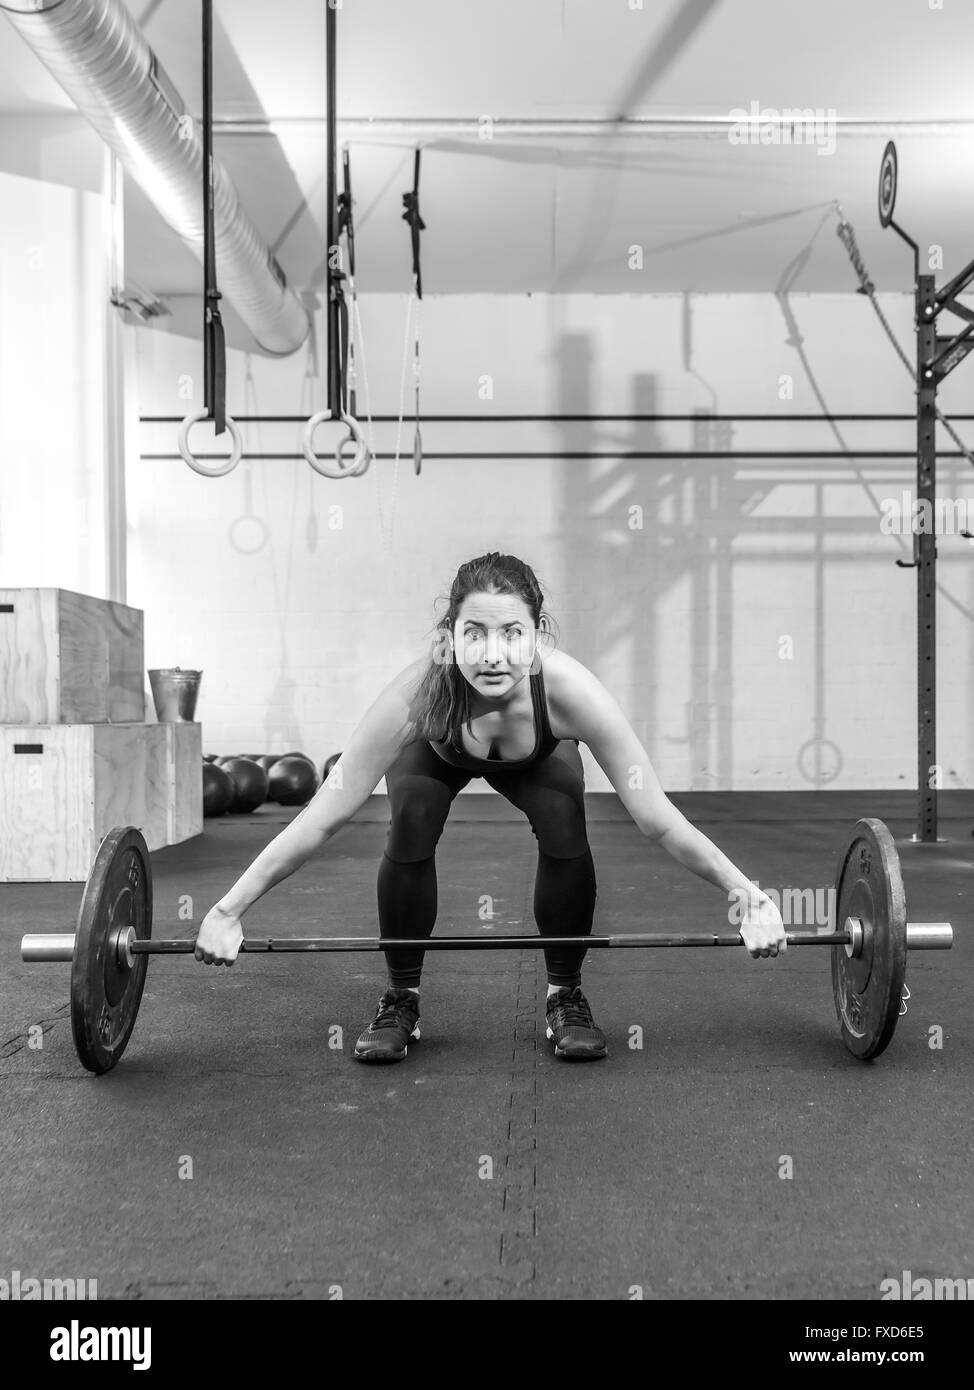 Photo d'une jeune femme à un sport crossfit soulevant un barbell. Photo Stock